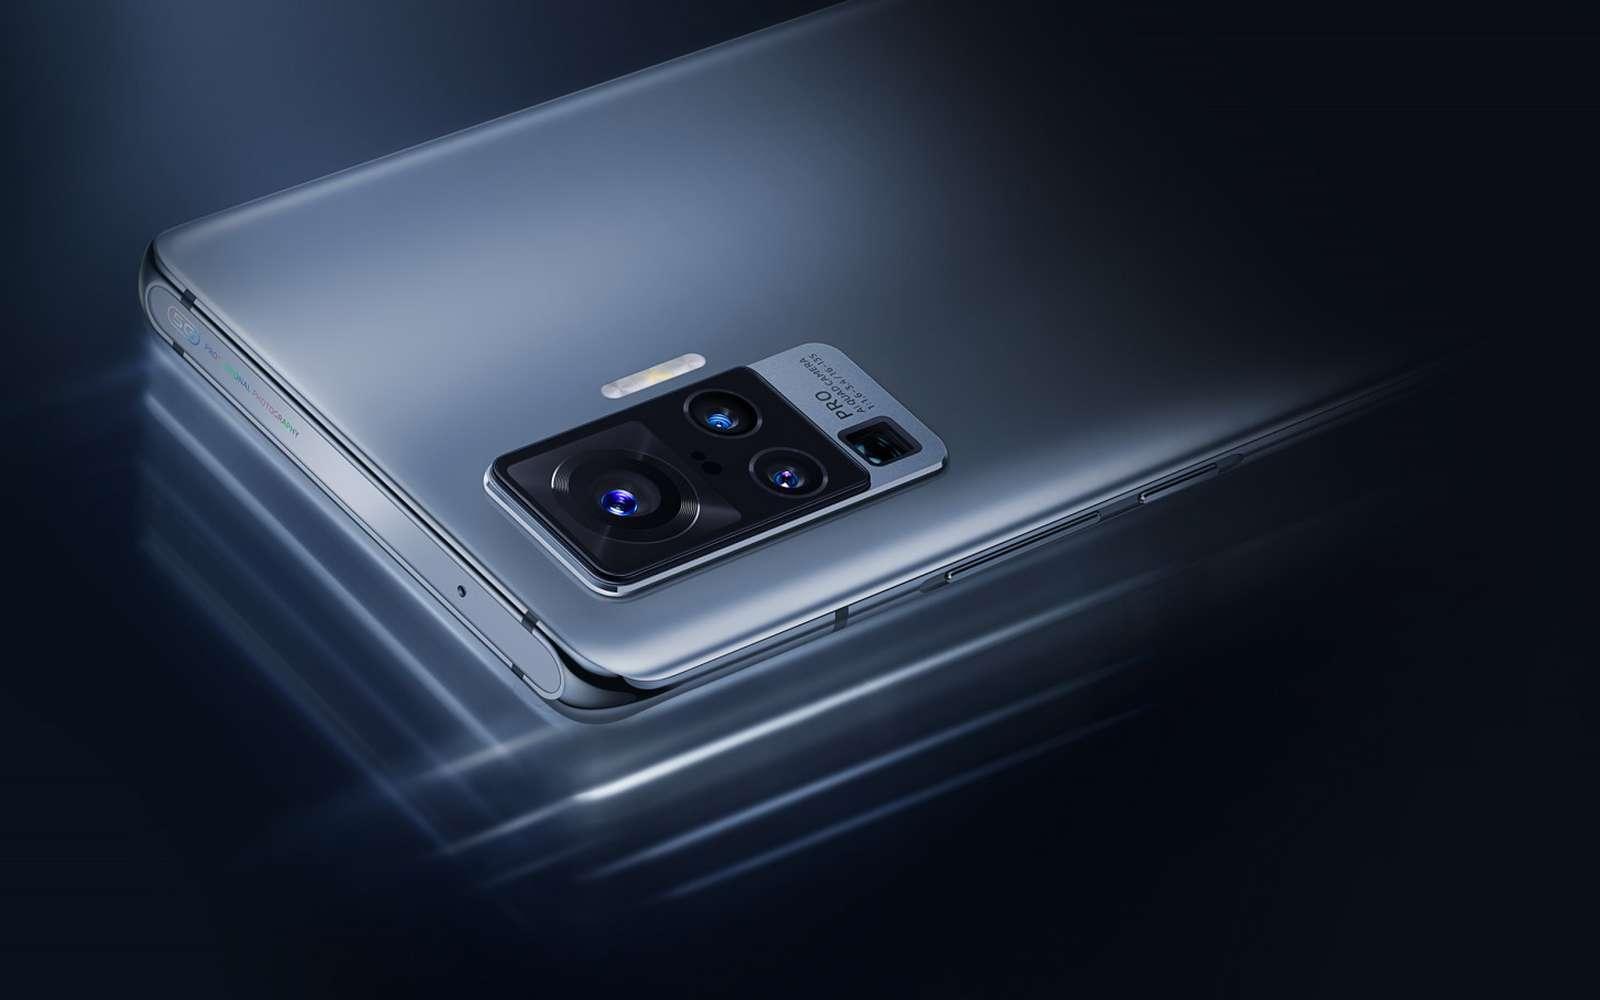 Vivo a intégré un système de stabilisation à cardan dans ses nouveaux smartphones X50 Pro et X50 Pro Plus © Vivo